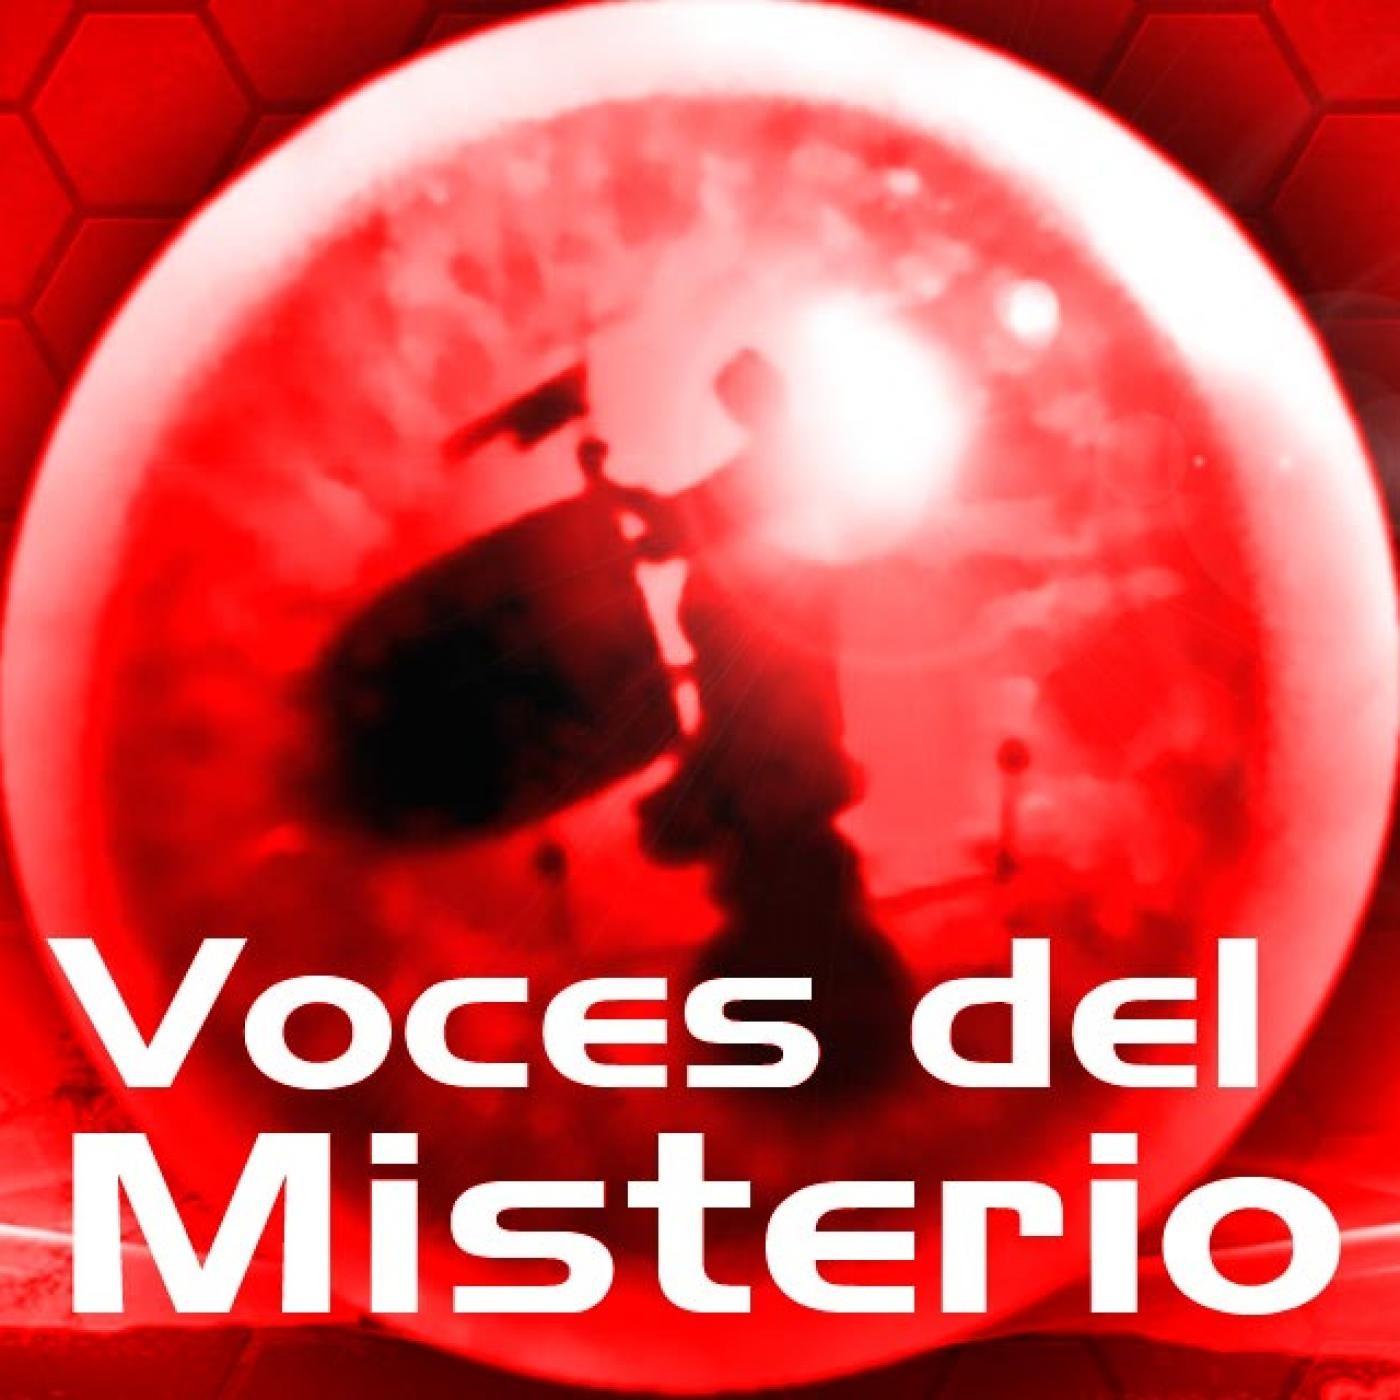 Voces del Misterio: EXTREMADURA MÁGICA 24: El tío Picote